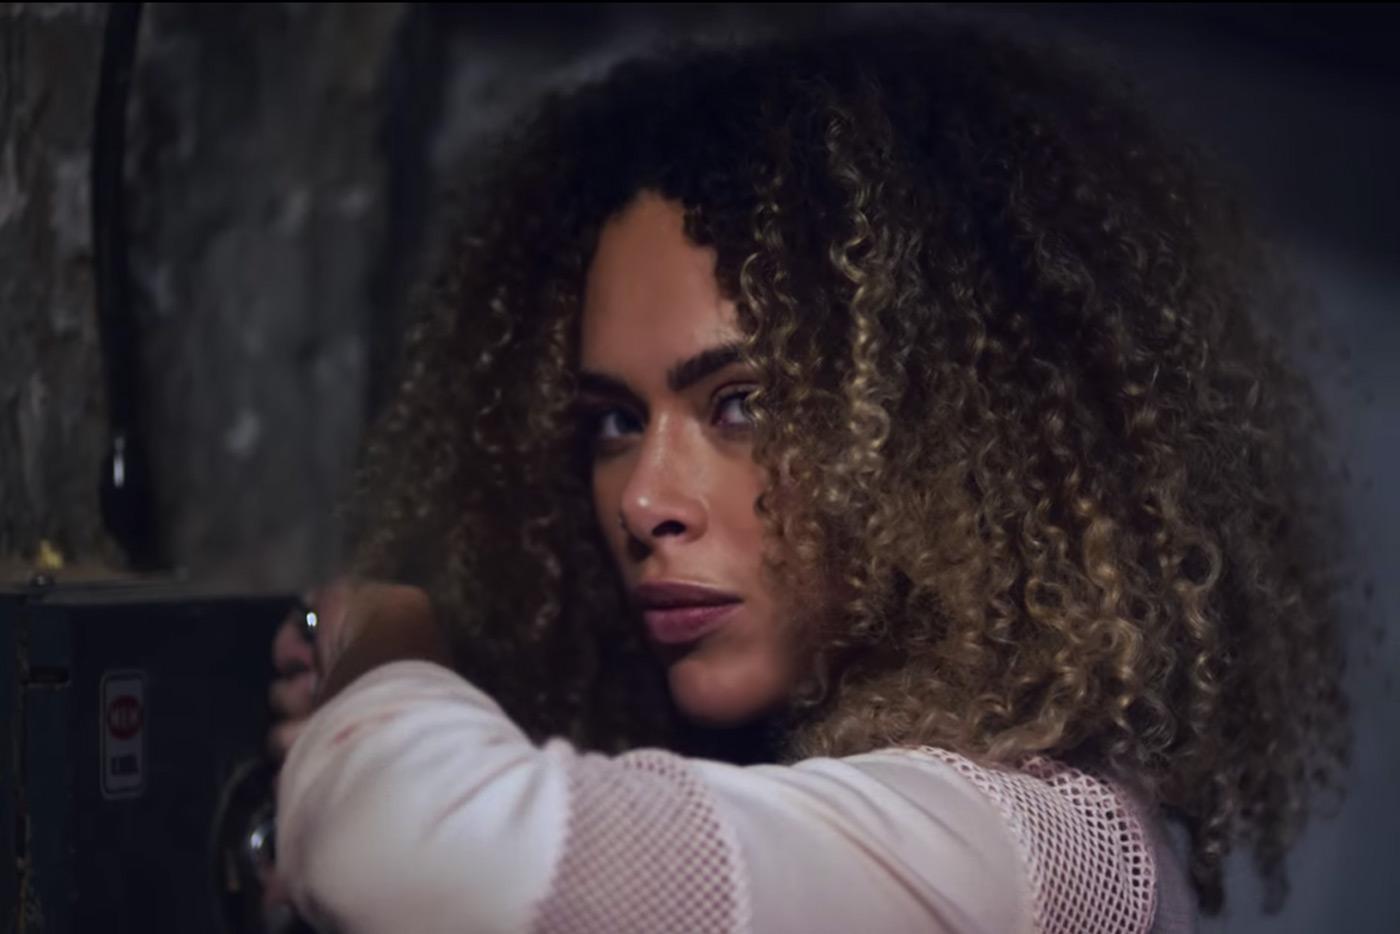 AutoErotique y Diplo colaboran en un nuevo single y videoclip